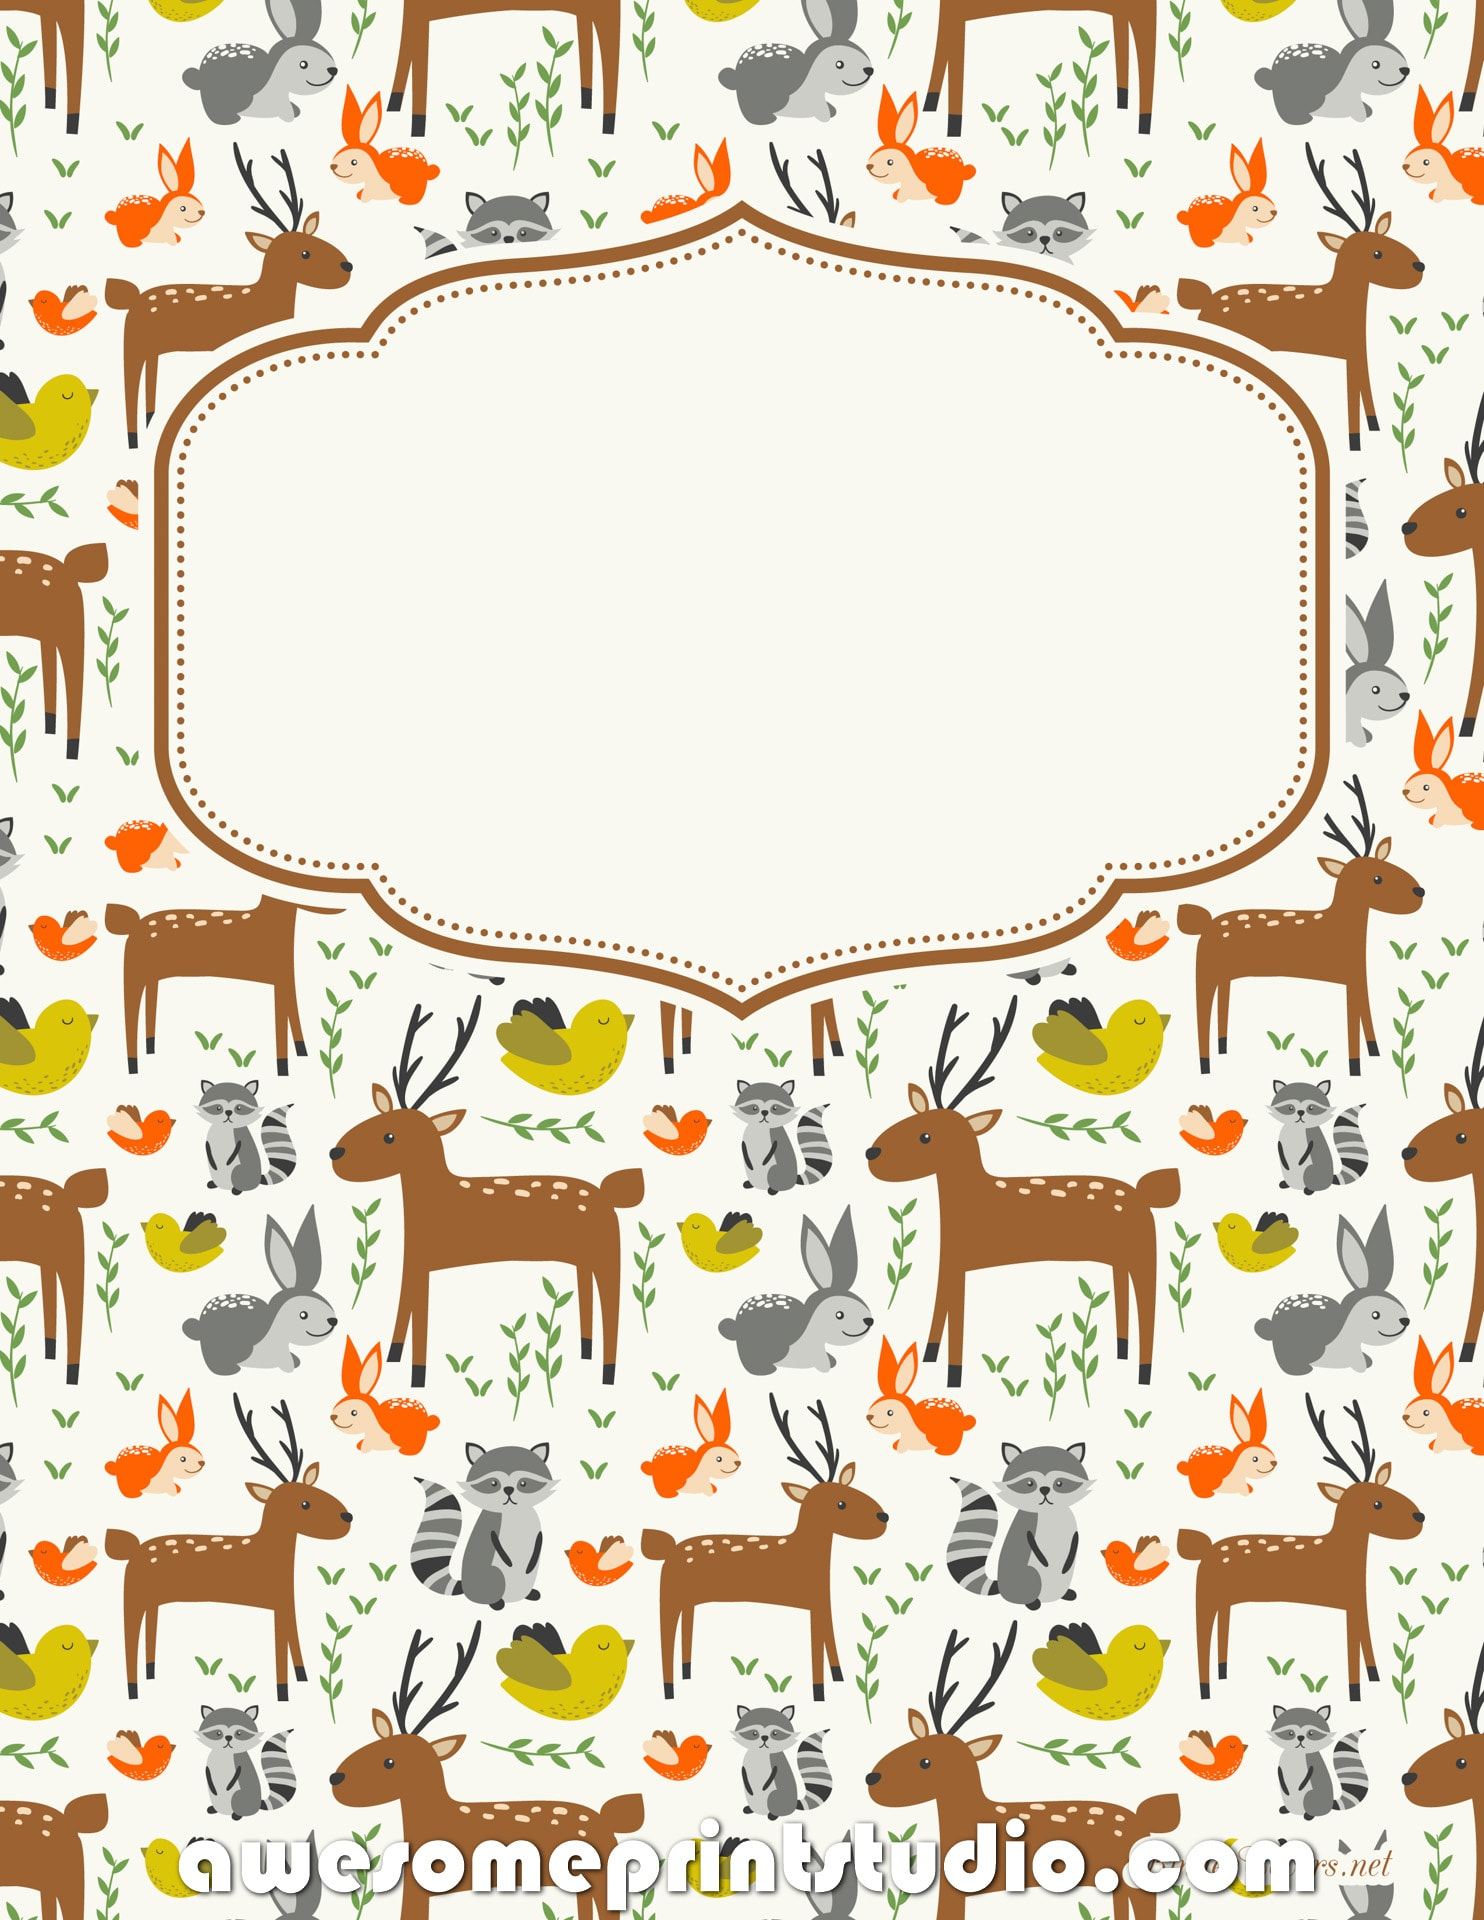 распечатать красивые обложки для тетрадей с животными оленями енотами птицами кроликами